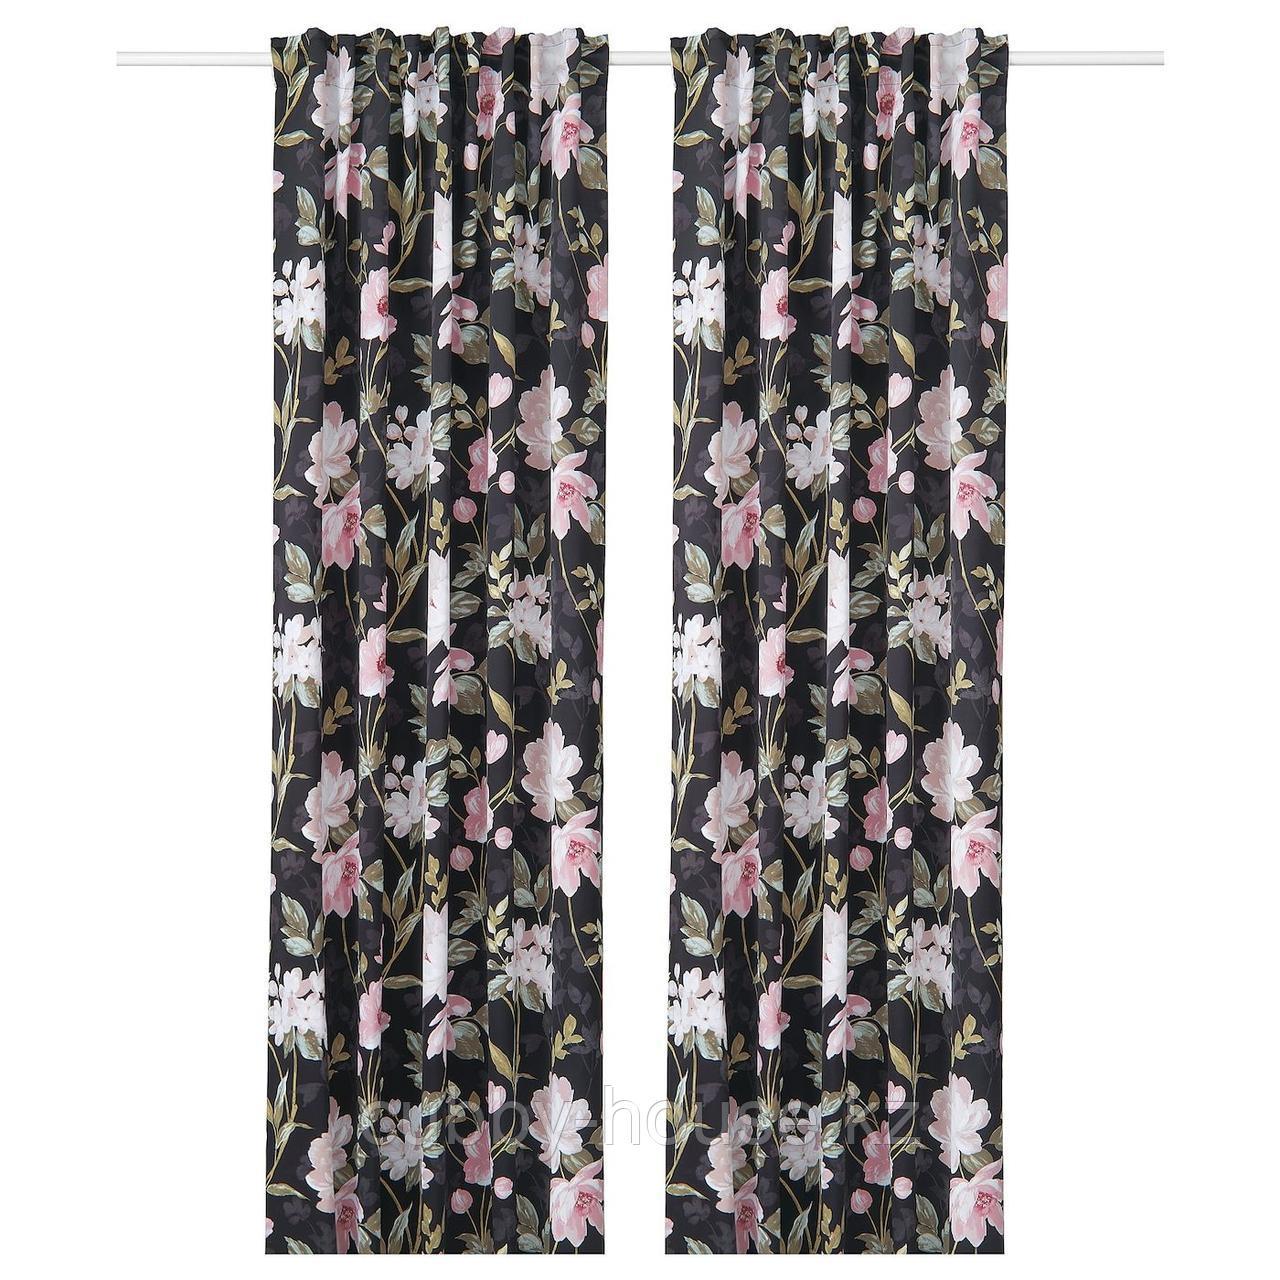 РОЗЕНМОТТ Гардины, блокирующие свет, 1 пара, черный, с цветочным орнаментом, 145x300 см